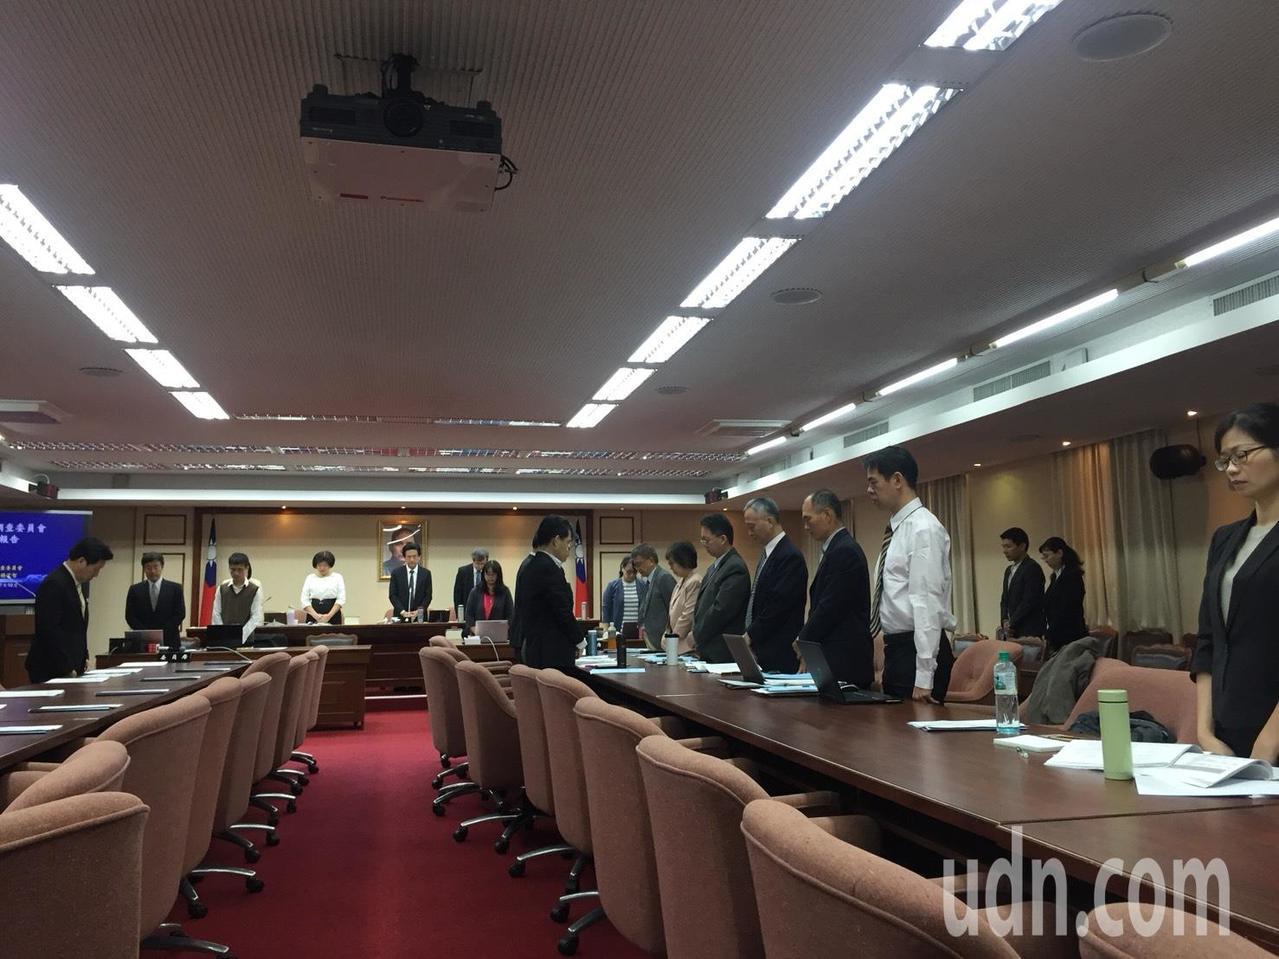 立法院交通委員會今日為台鐵普悠瑪翻覆事故默哀一分鐘。記者洪安怡/攝影